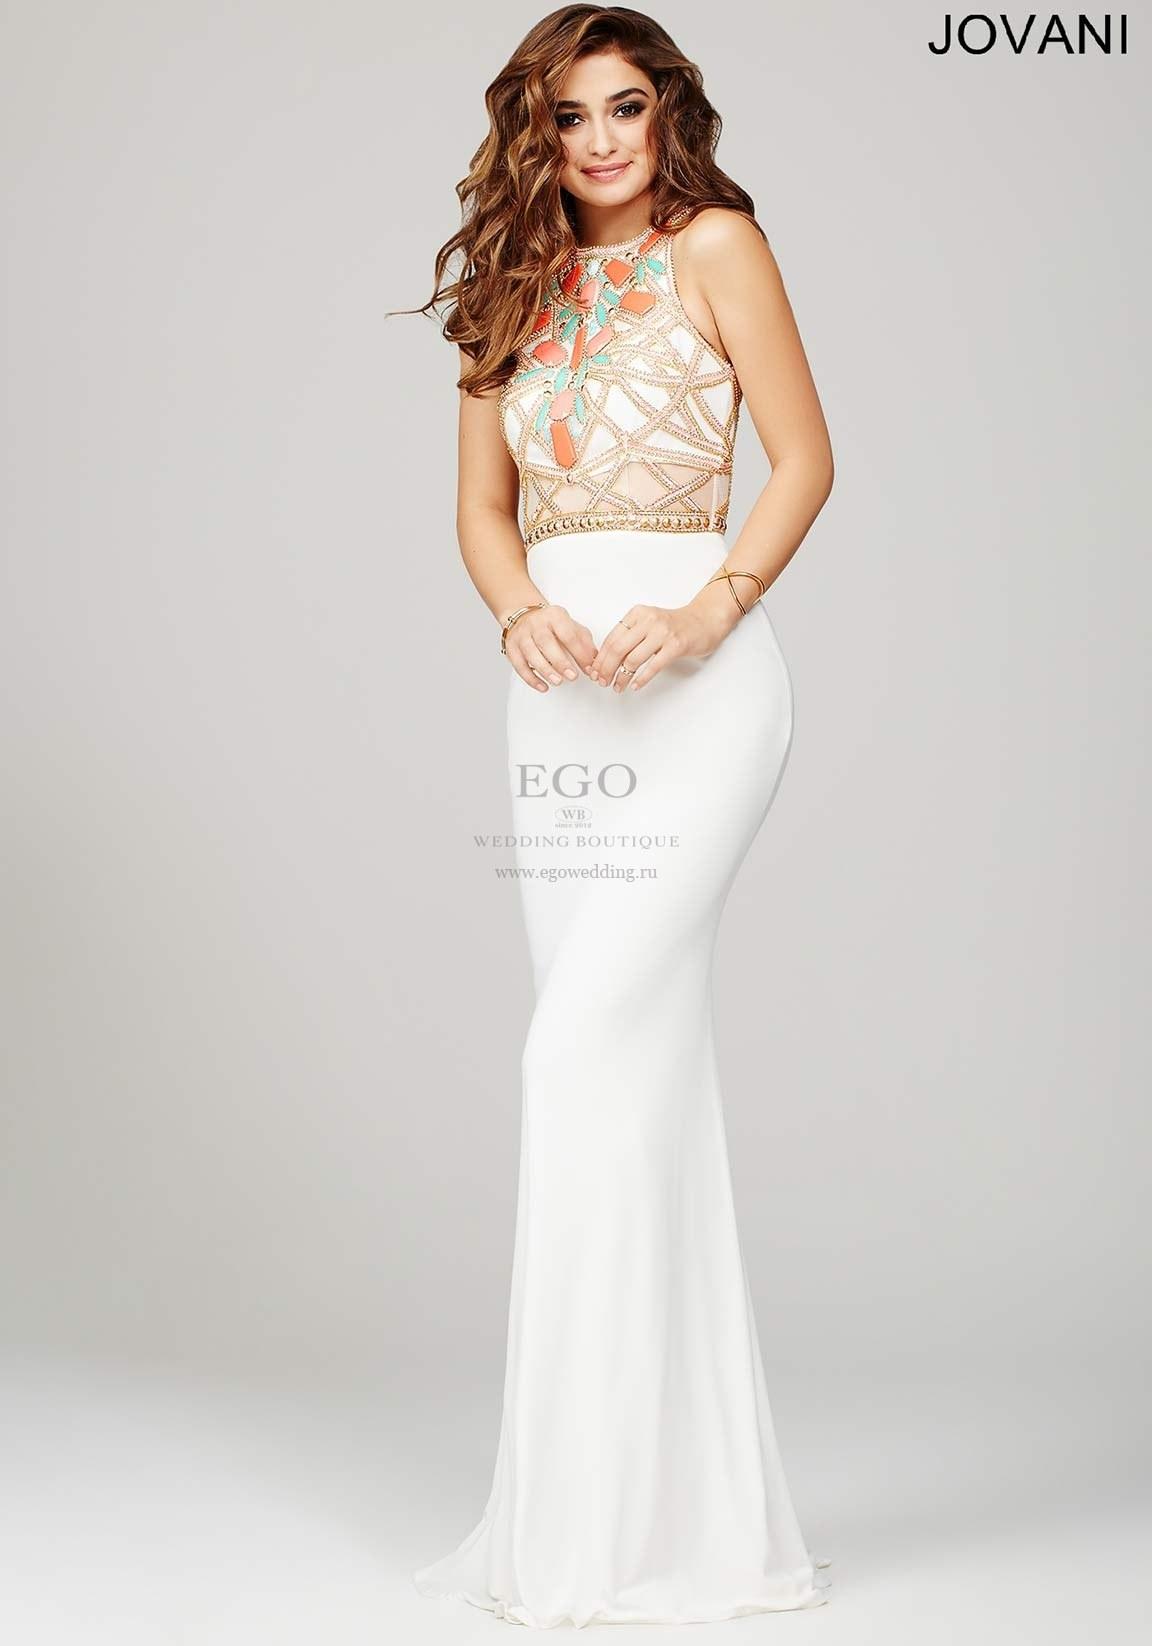 cf1002e90a1 Вечерние платья Jovani в каталоге Ego Wedding Boutique в Саратове.